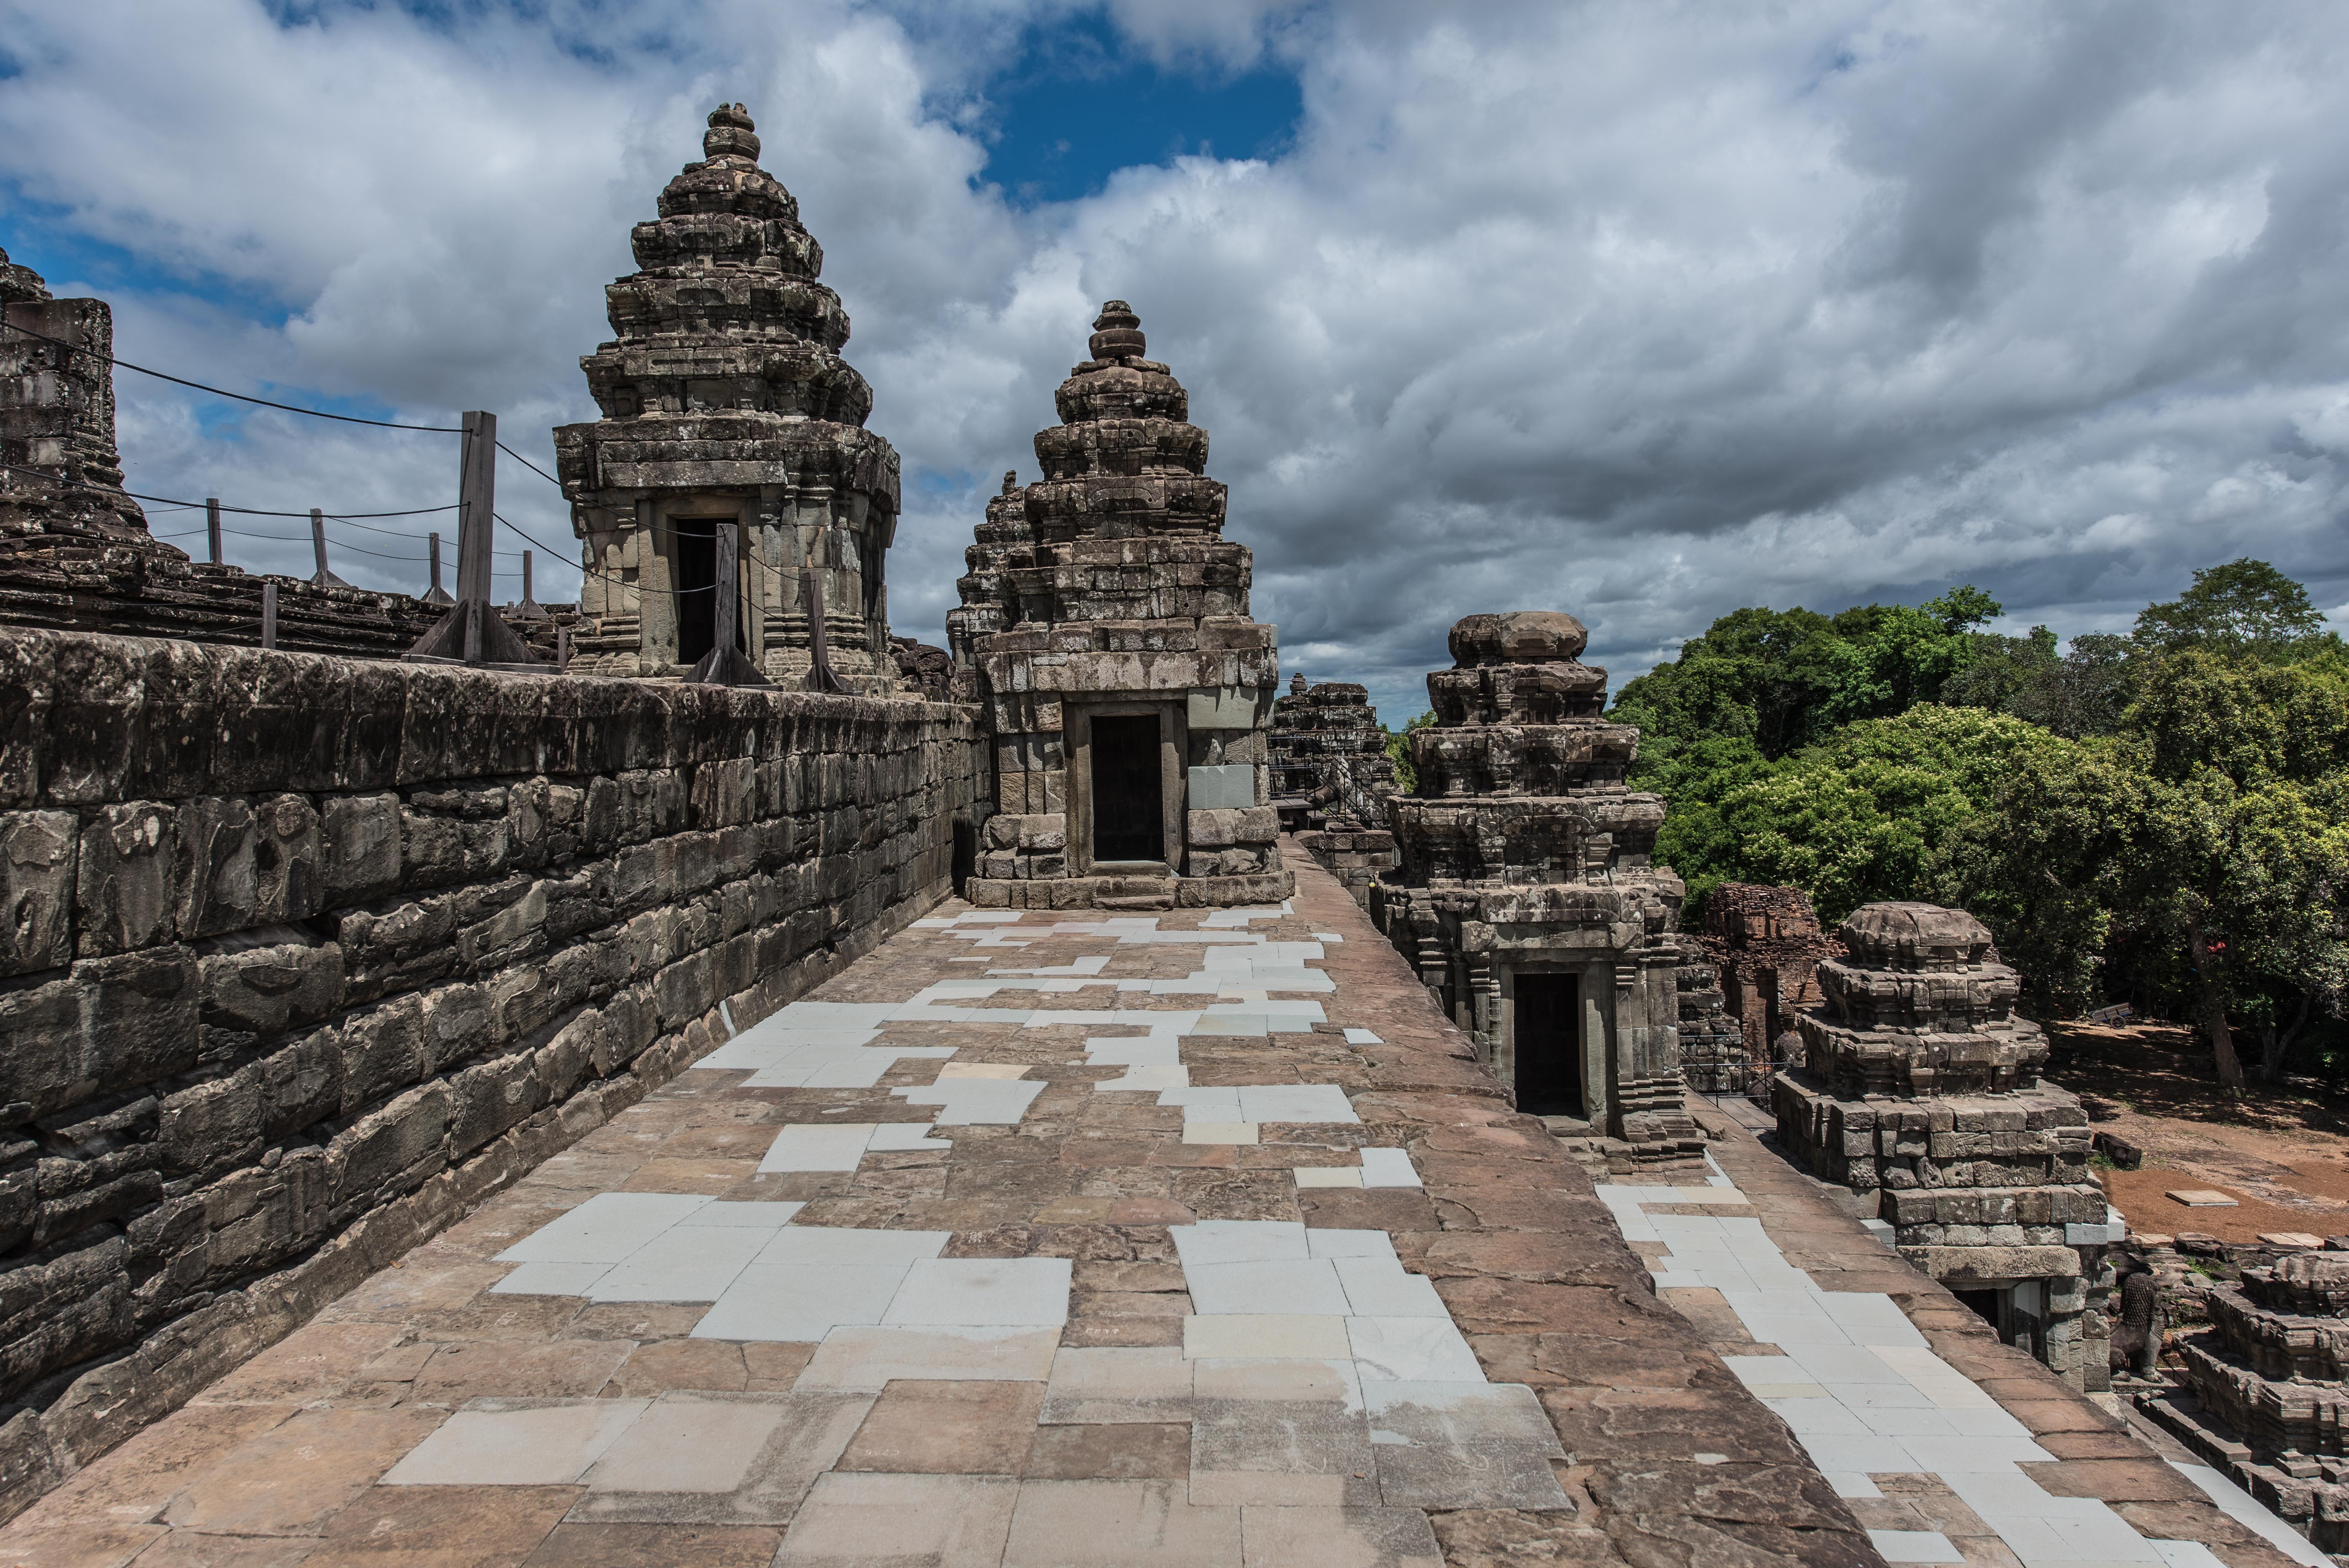 The conserved eastern half of Phnom Bakheng.